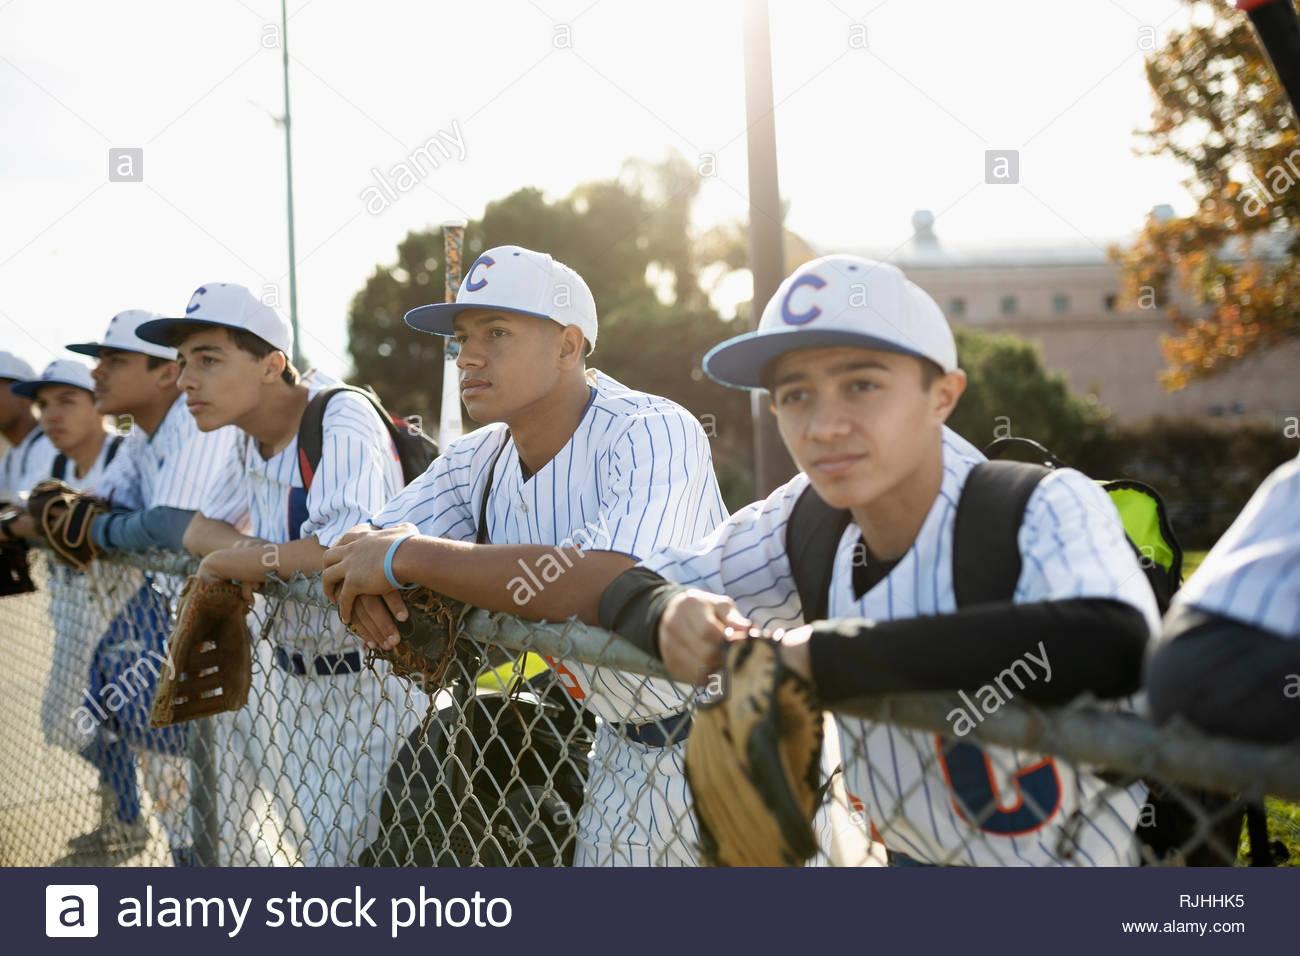 Baseball spieler lehnte sich auf sonnigen Zaun Stockbild